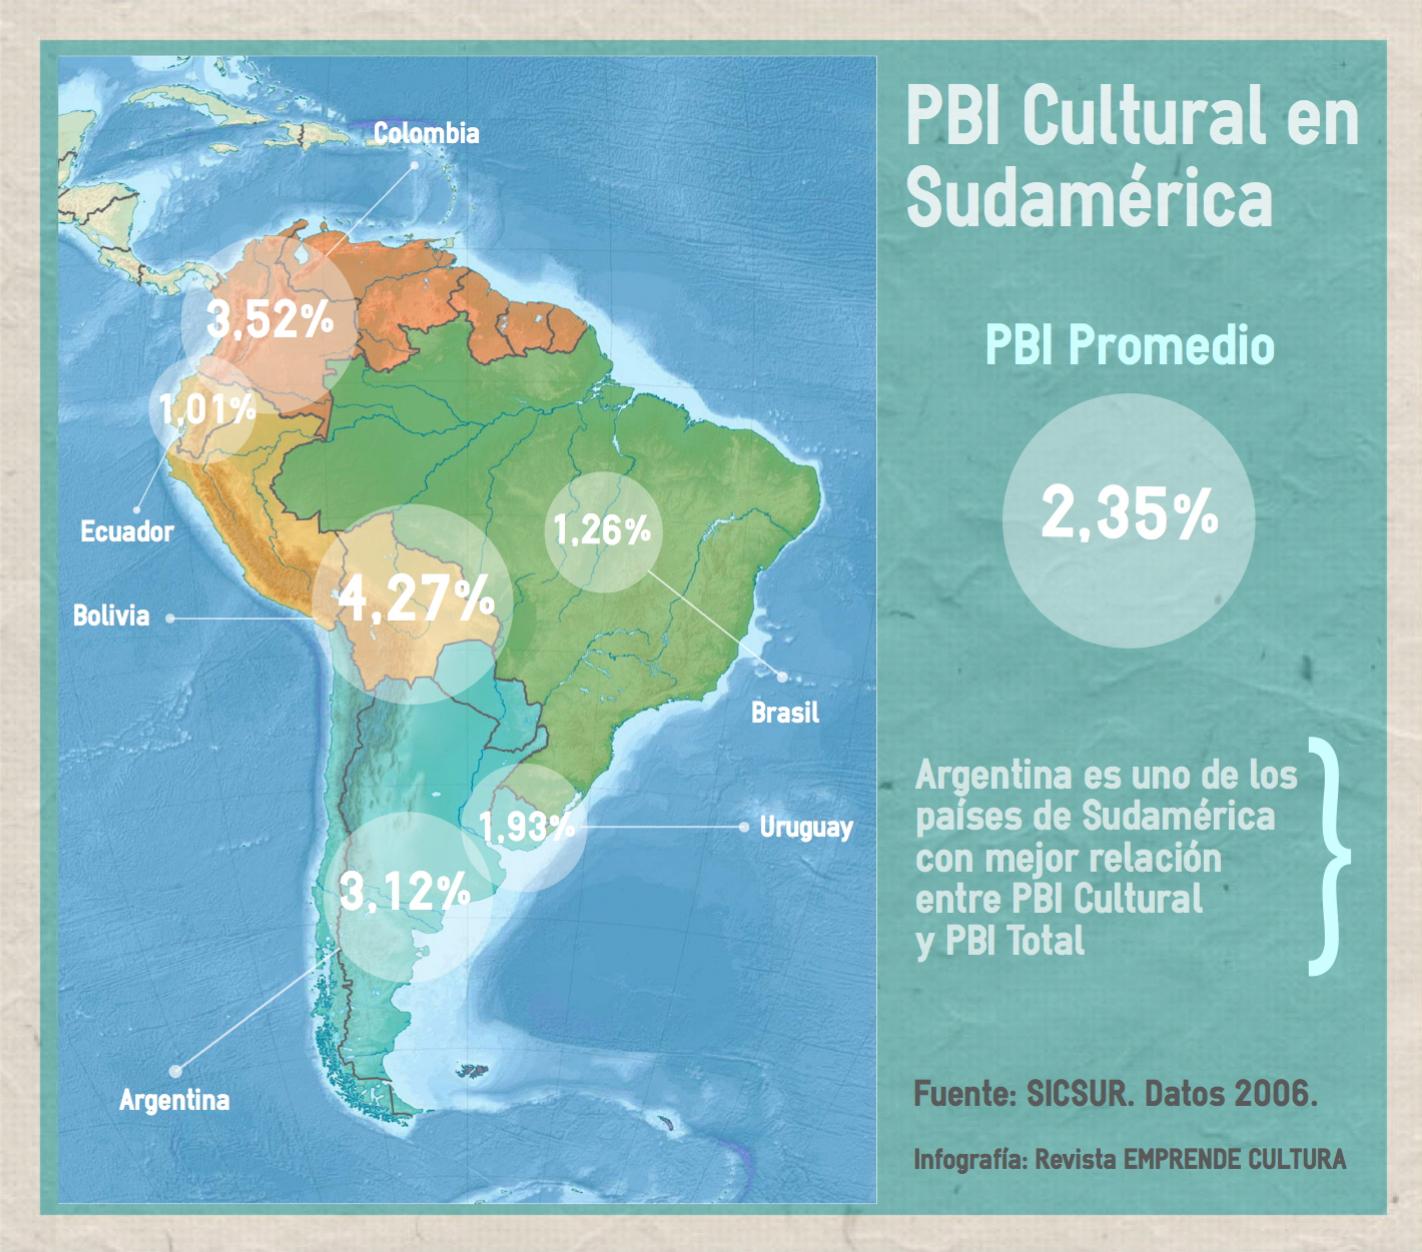 PBI Cultural